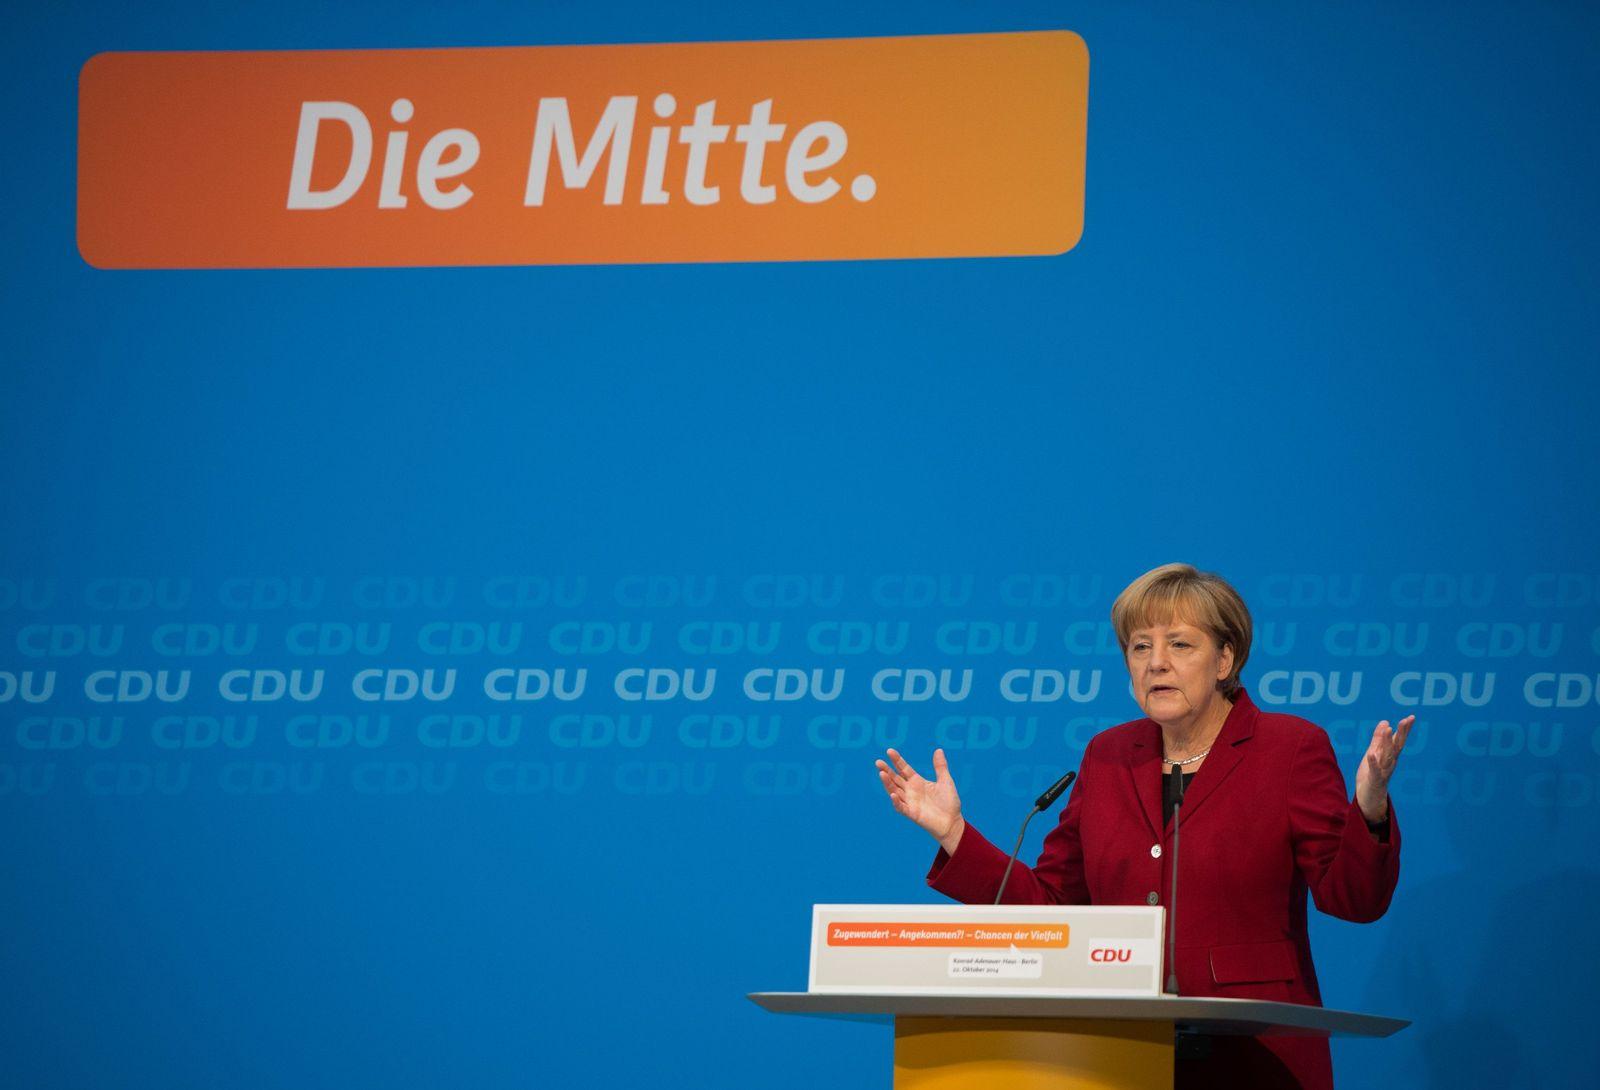 CDU-Konferenz mit Angela Merkel (CDU)